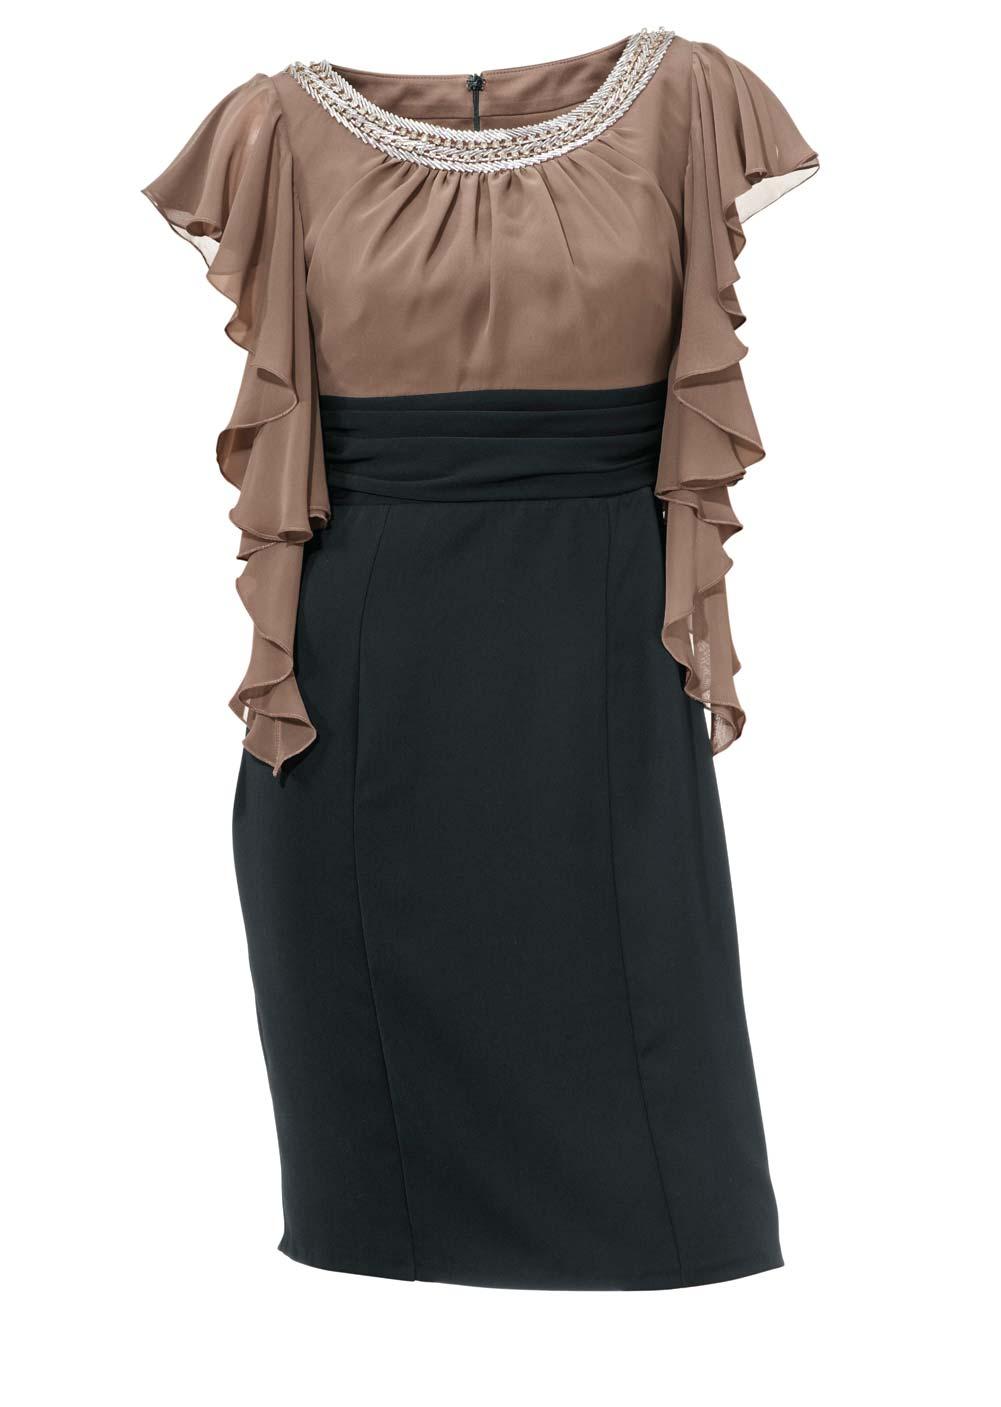 091.636 ASHLEY BROOKE Damen Designer-Cocktailkleid Taupe-Schwarz